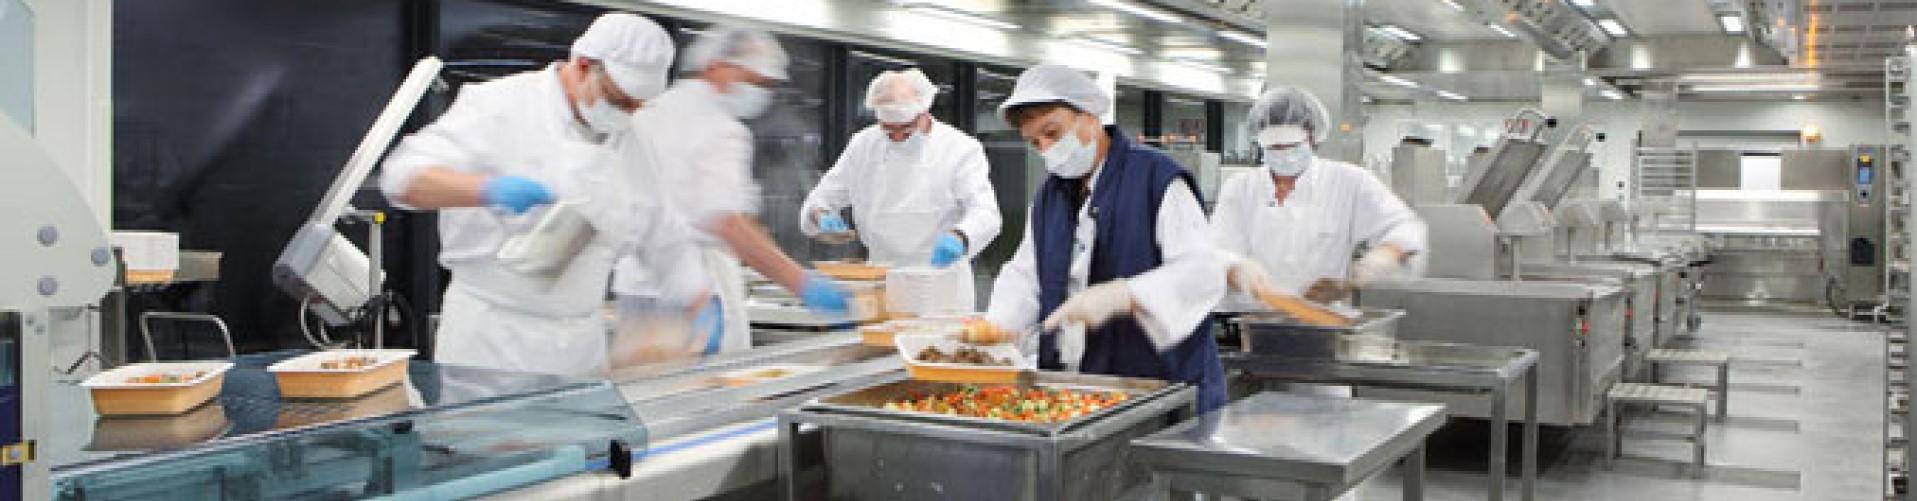 Industri køkken